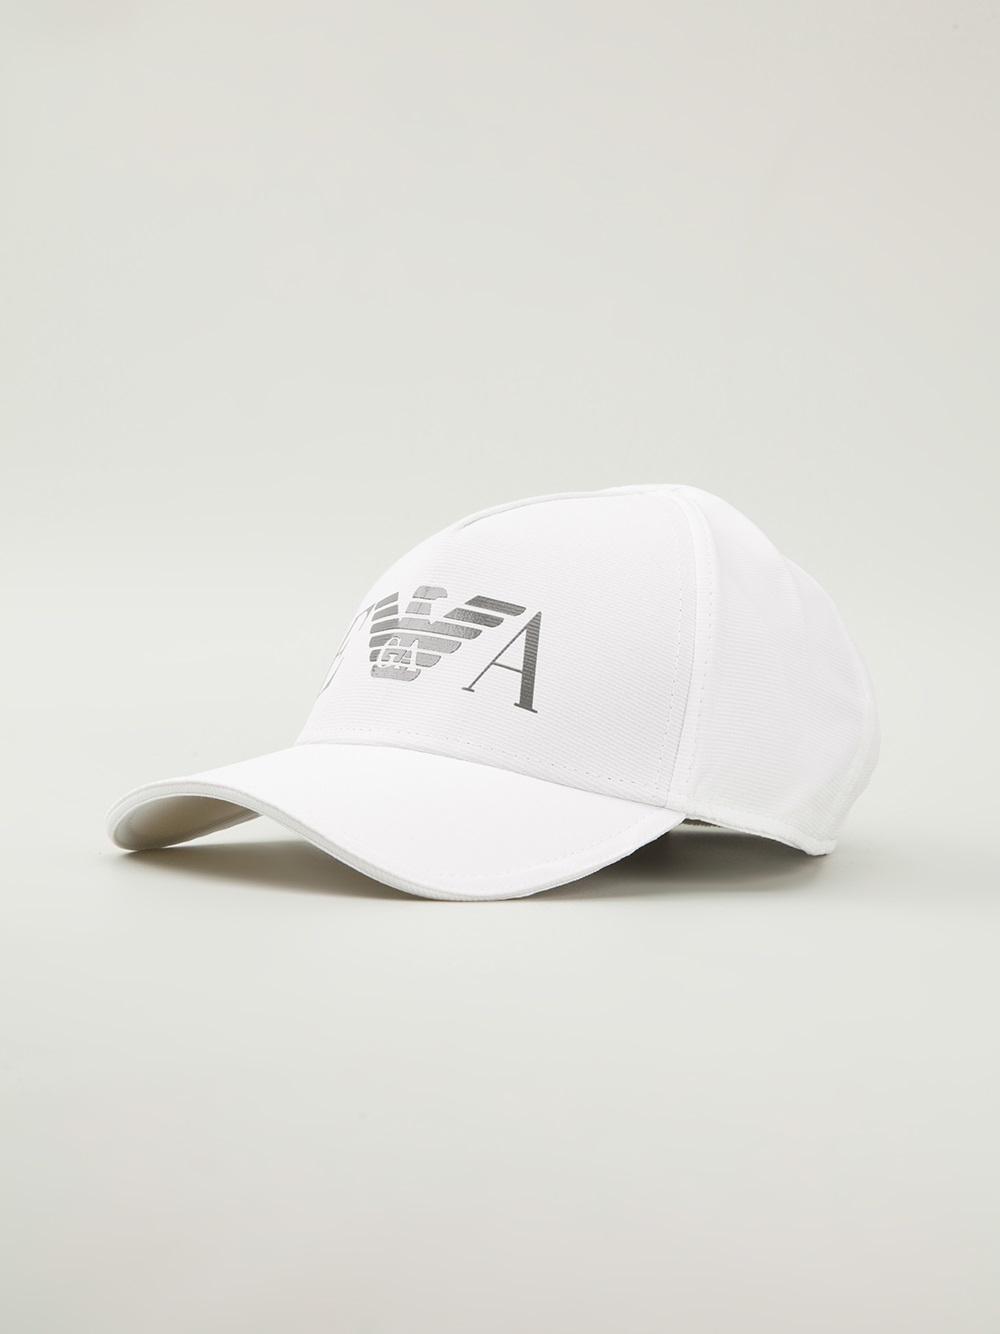 Lyst - Emporio Armani Logo Cap in White for Men a8e4f5c5dfd